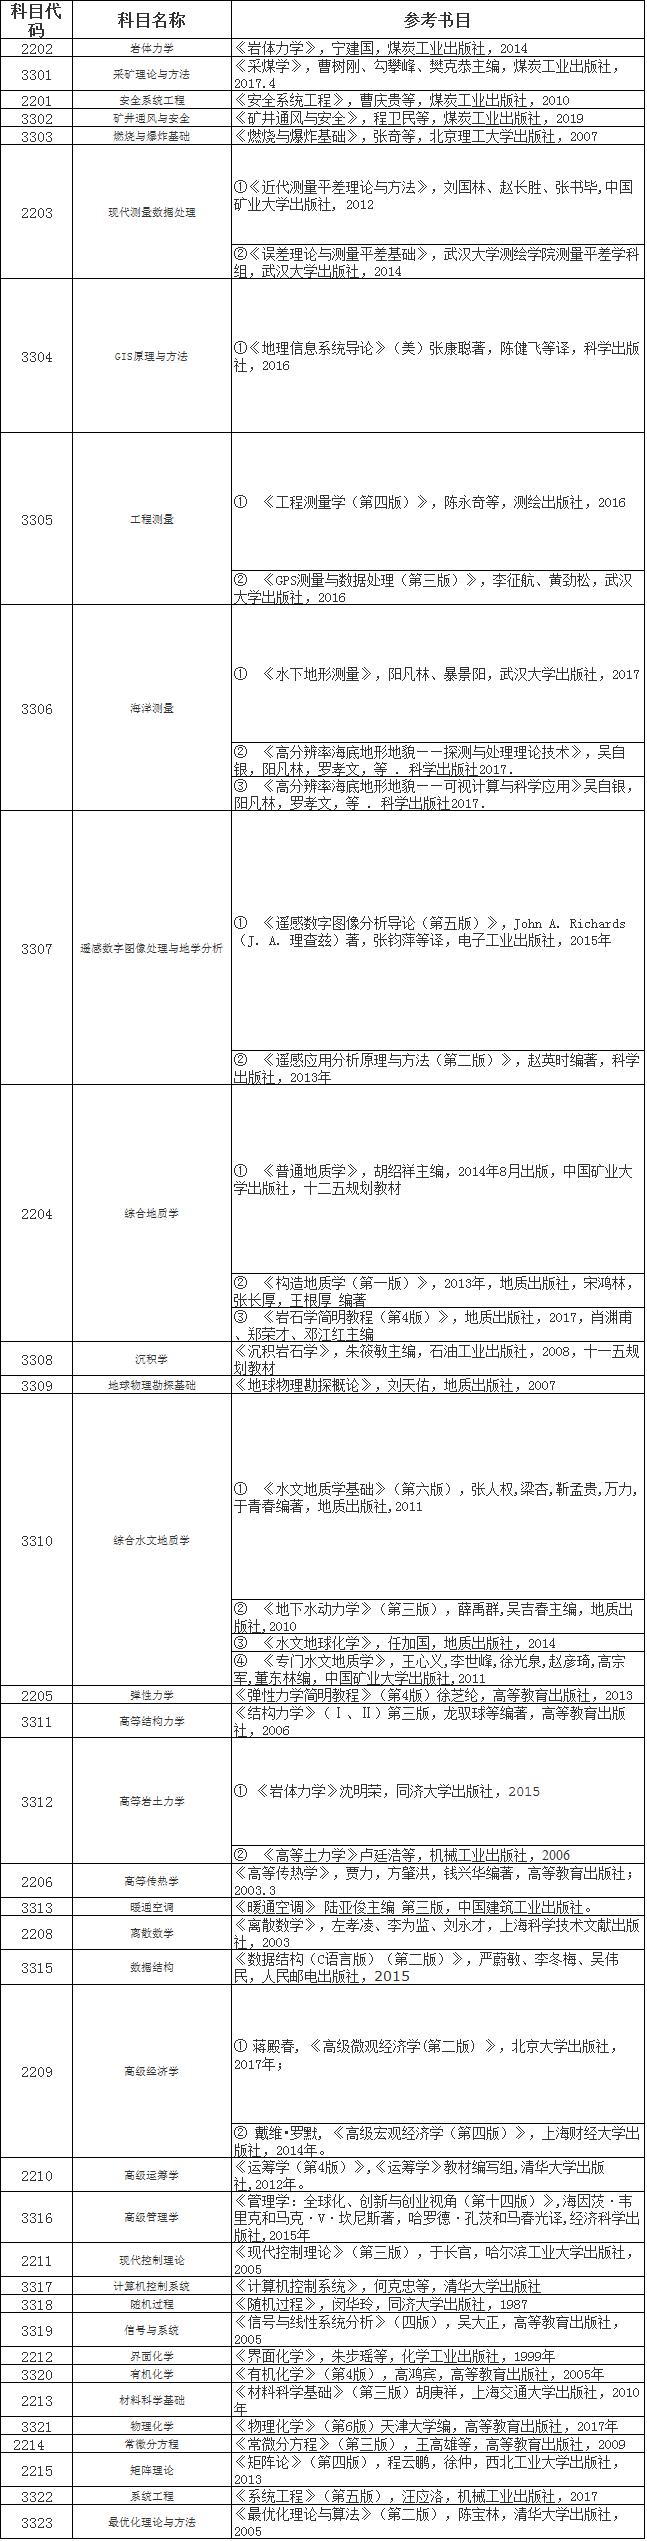 山东科技大学2021年博士研究生招生考试参考书目